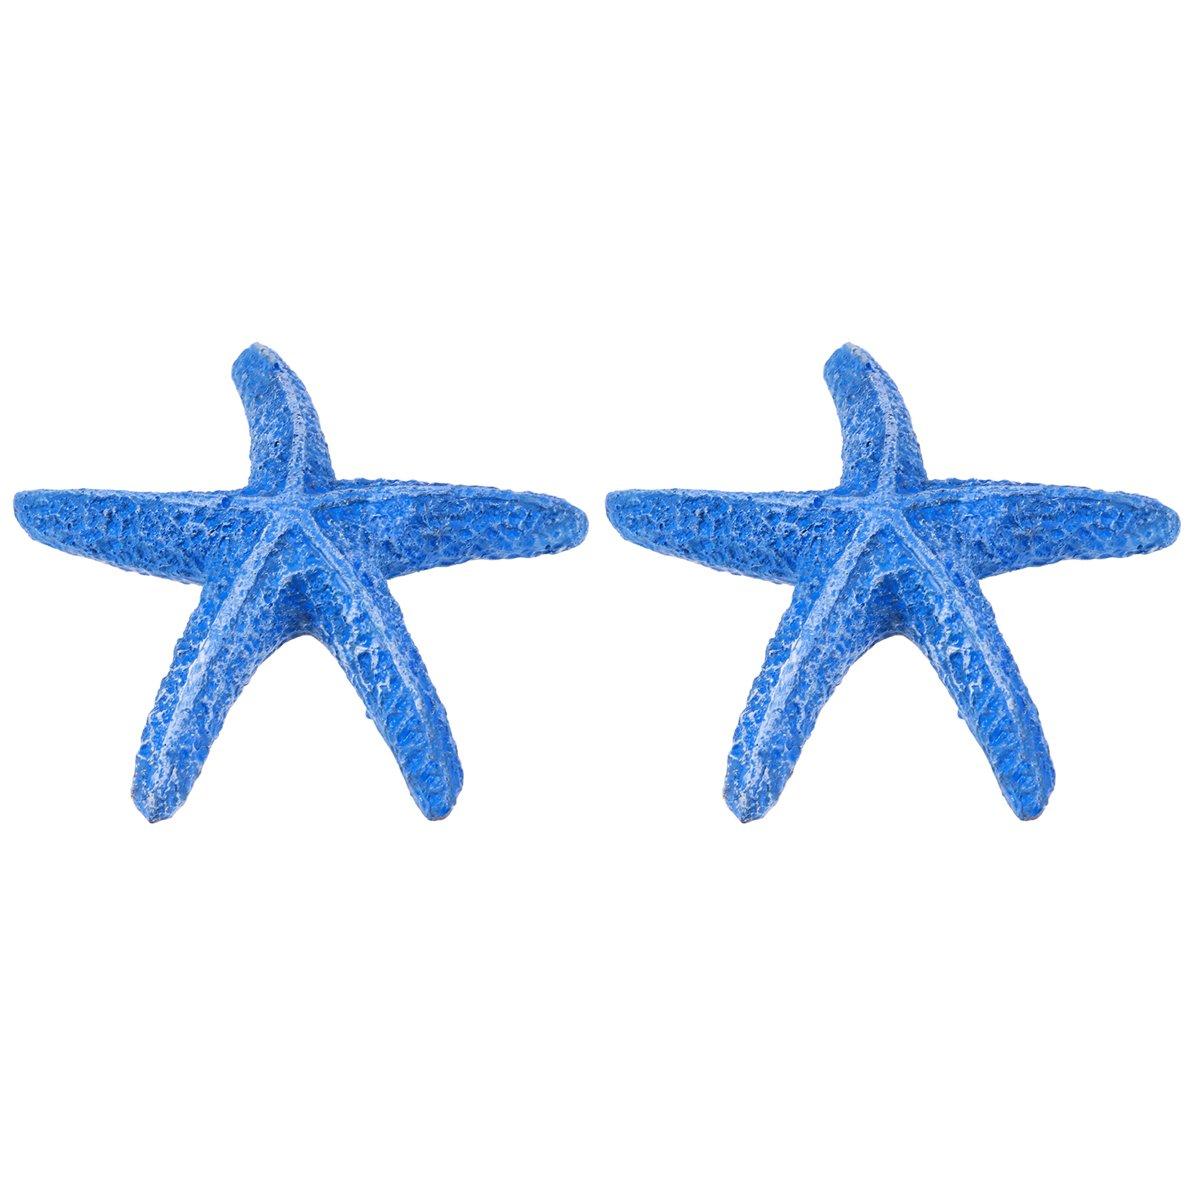 UEETEK 1 piezas estrella de mar estrella de mar de resina artificial de acuario para la decoración del tanque de peces de acuario (azul): Amazon.es: ...